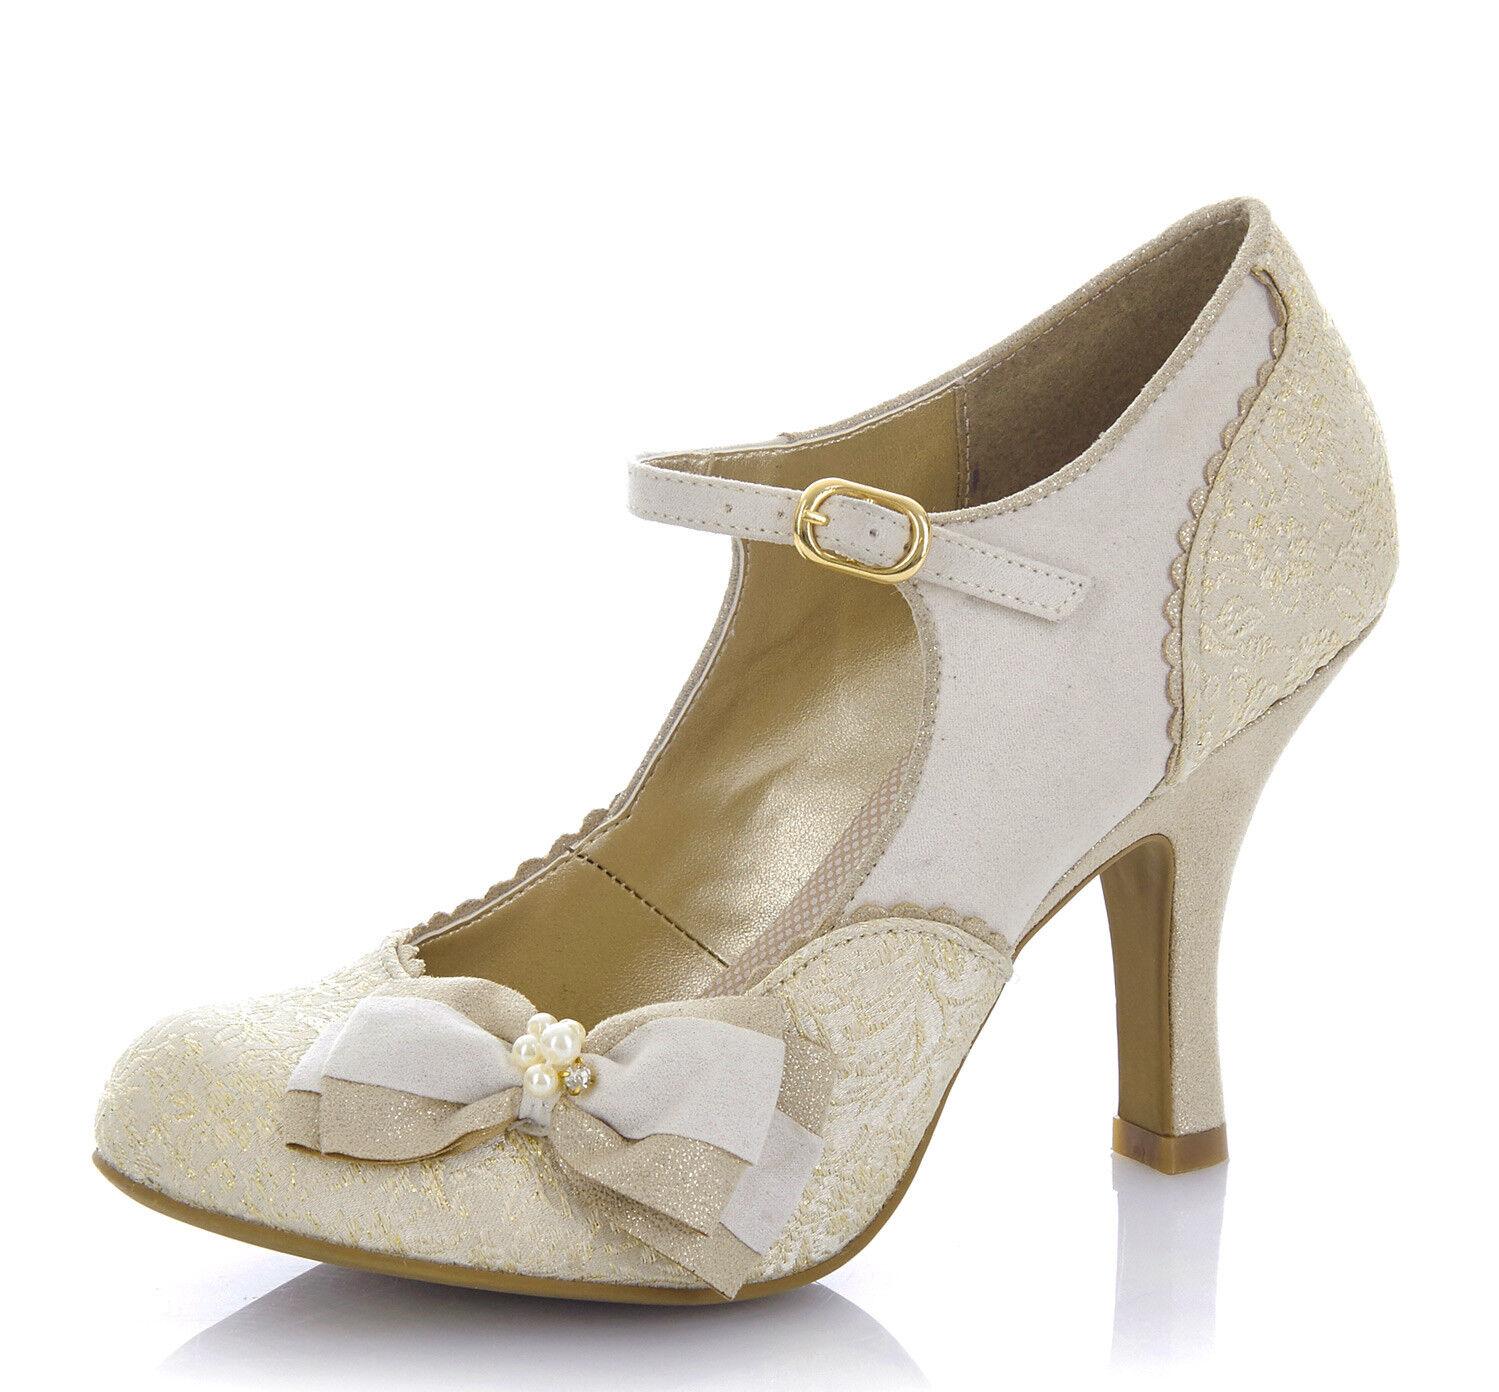 Ruby SHOO SHOO SHOO Nuevo Maria Crema oro Tacón Alto Zapatos de boda nupcial Mary Jane Talla 3-9  seguro de calidad